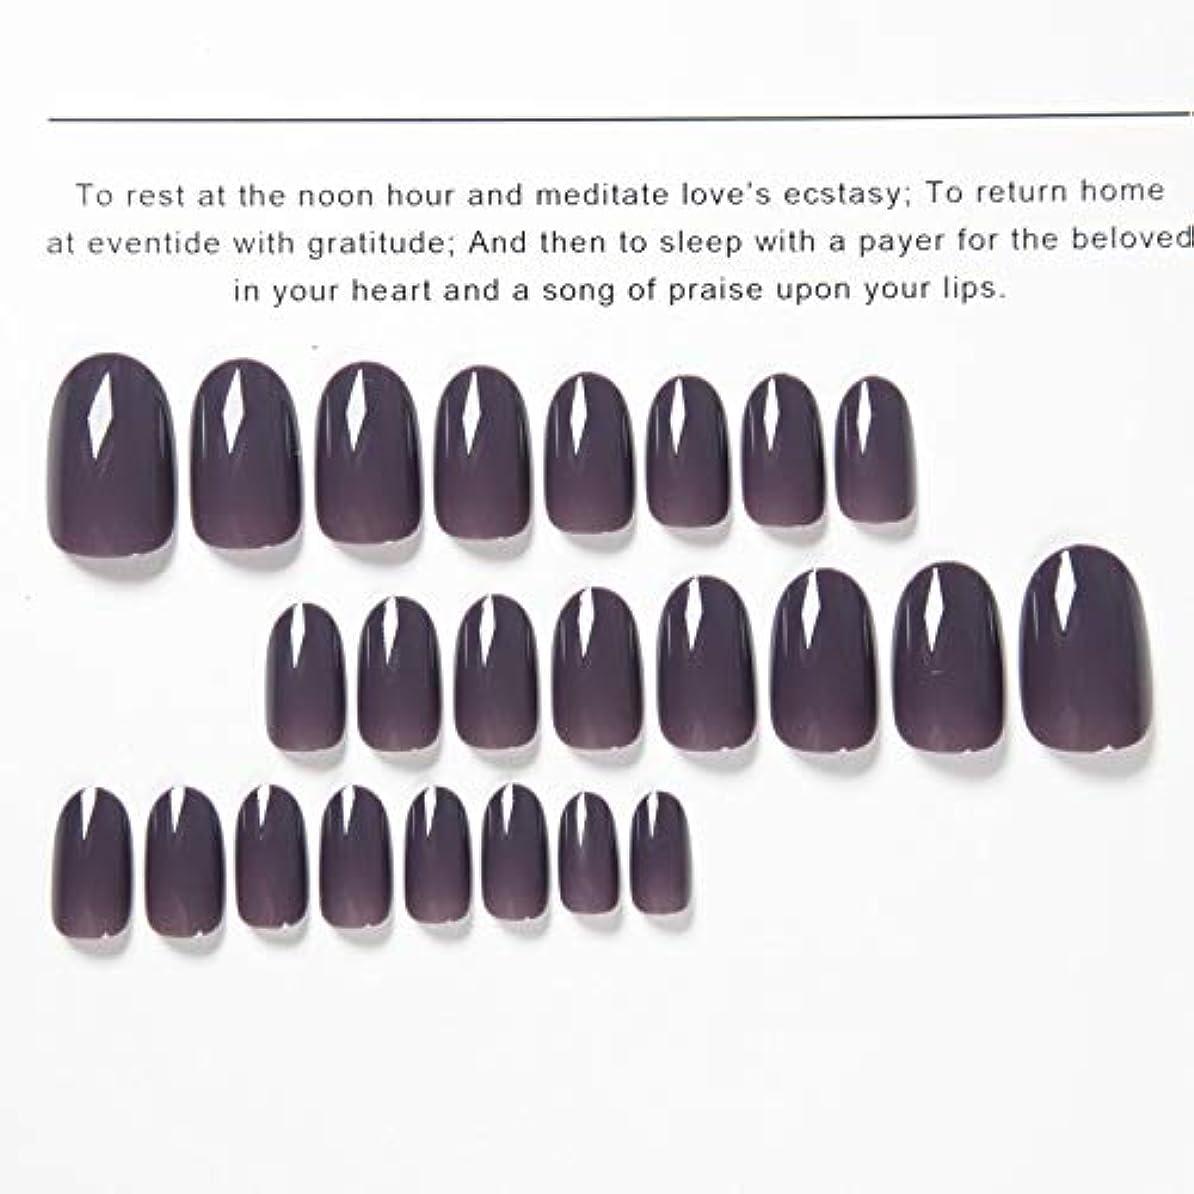 赤道ミニチュア呼吸Jonathan ハンドケア 偽の釘の古典24本の釘の釘のテープが付いている出版物の紫色